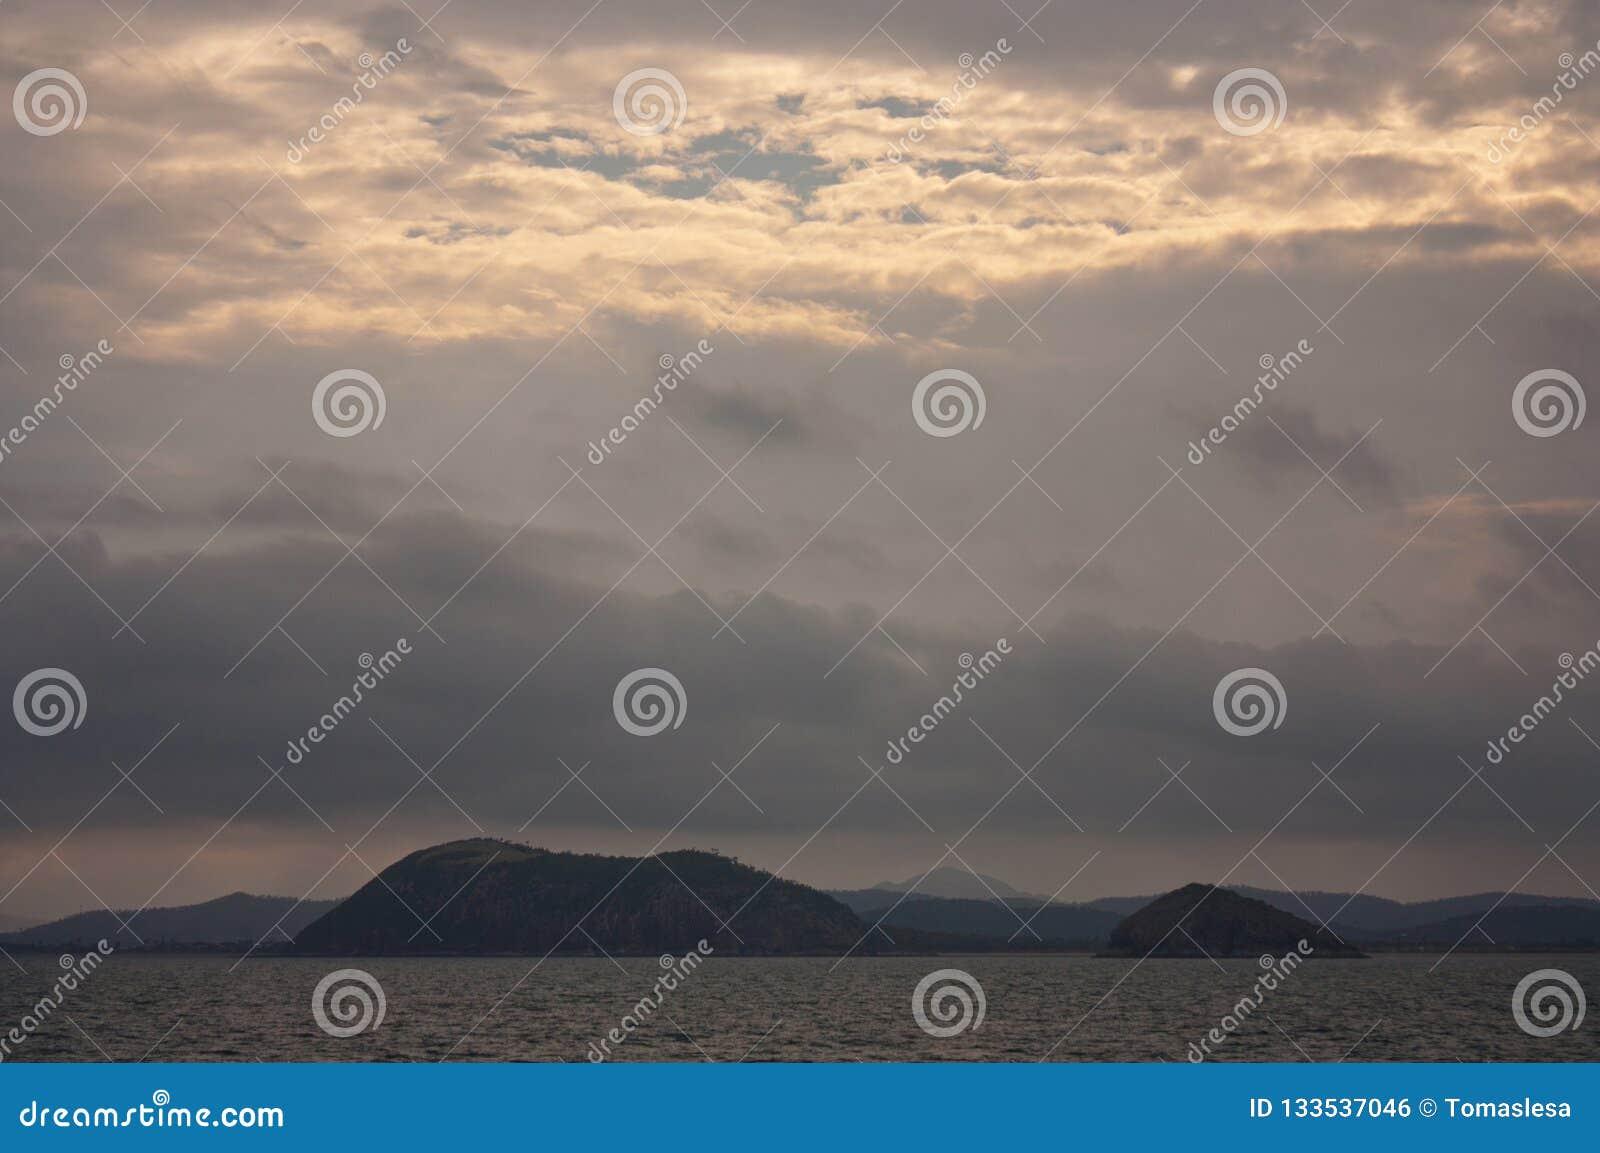 Ένα ηλιοβασίλεμα στη θάλασσα στη μαρίνα κόλπων του Ρόσλυν κοντά σε Yeppoon στον τροπικό κύκλο της περιοχής Αιγοκέρου στο κεντρικό